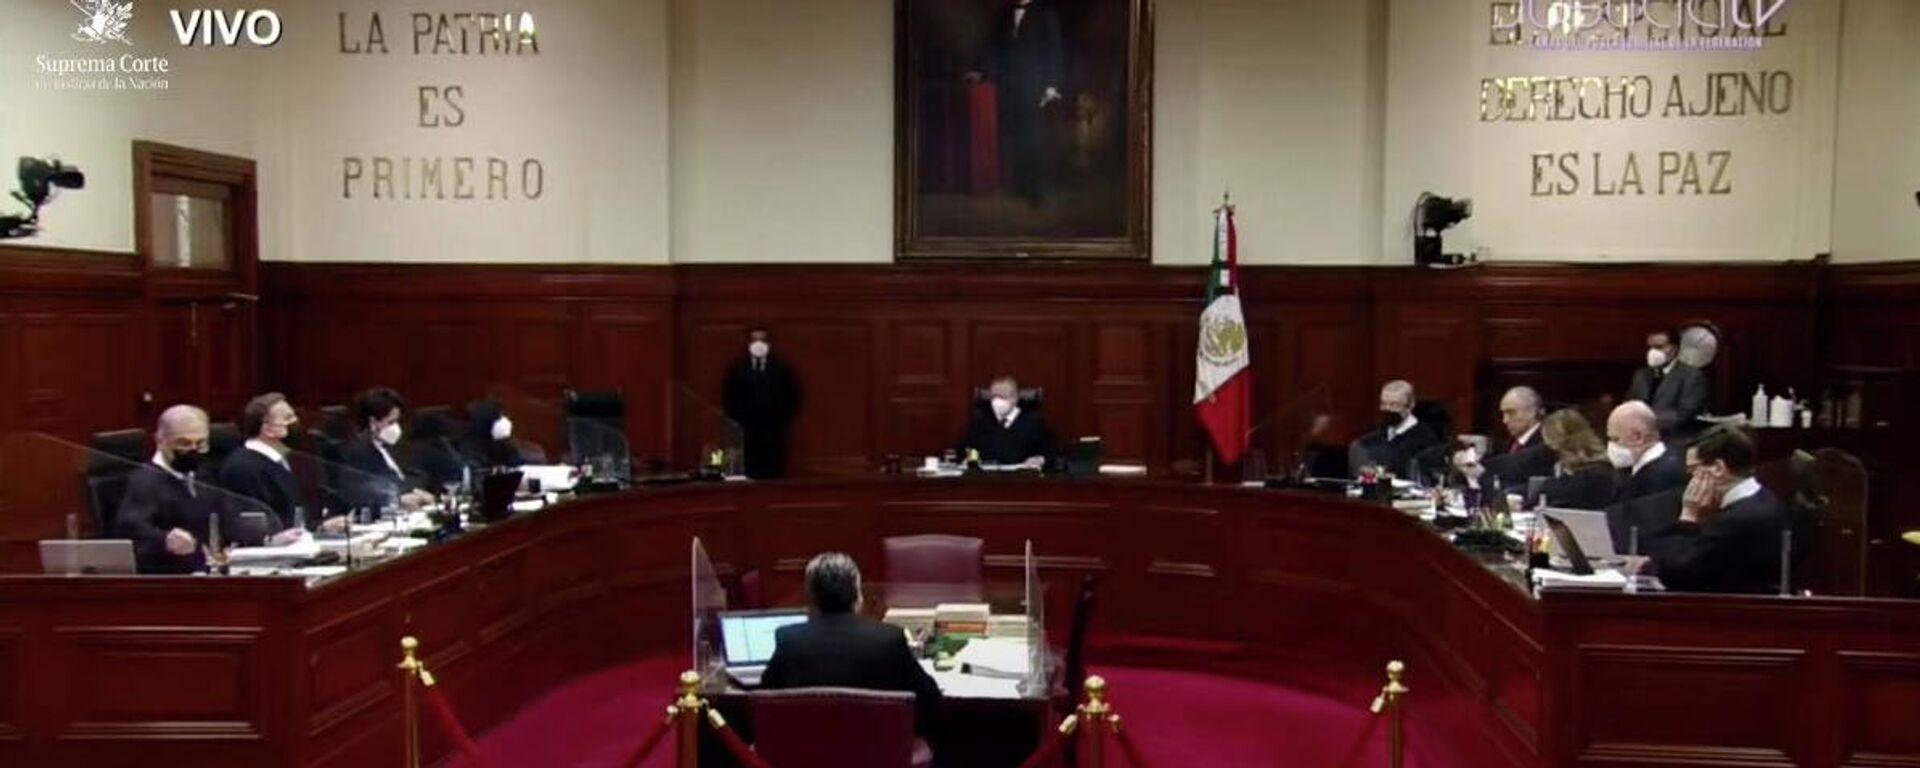 Suprema Corte de Justicia de la Nación.  - Sputnik Mundo, 1920, 07.09.2021